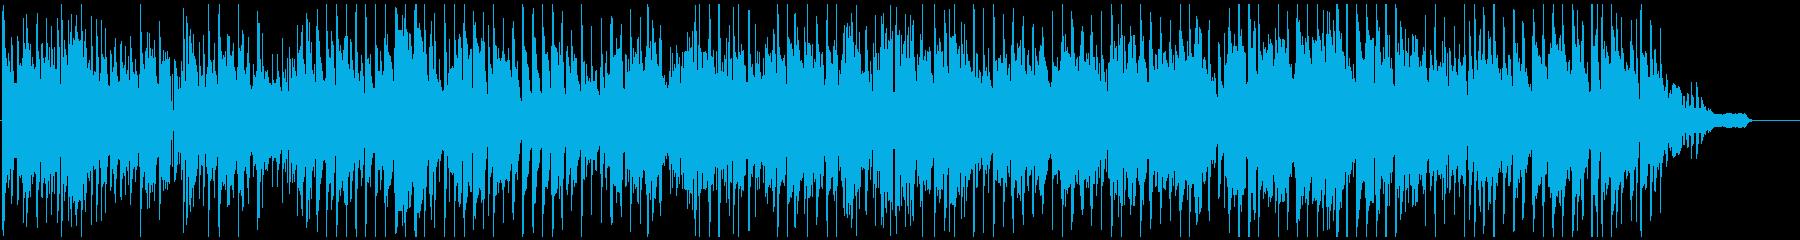 都会的なサックスのノリノリなクラブジャズの再生済みの波形